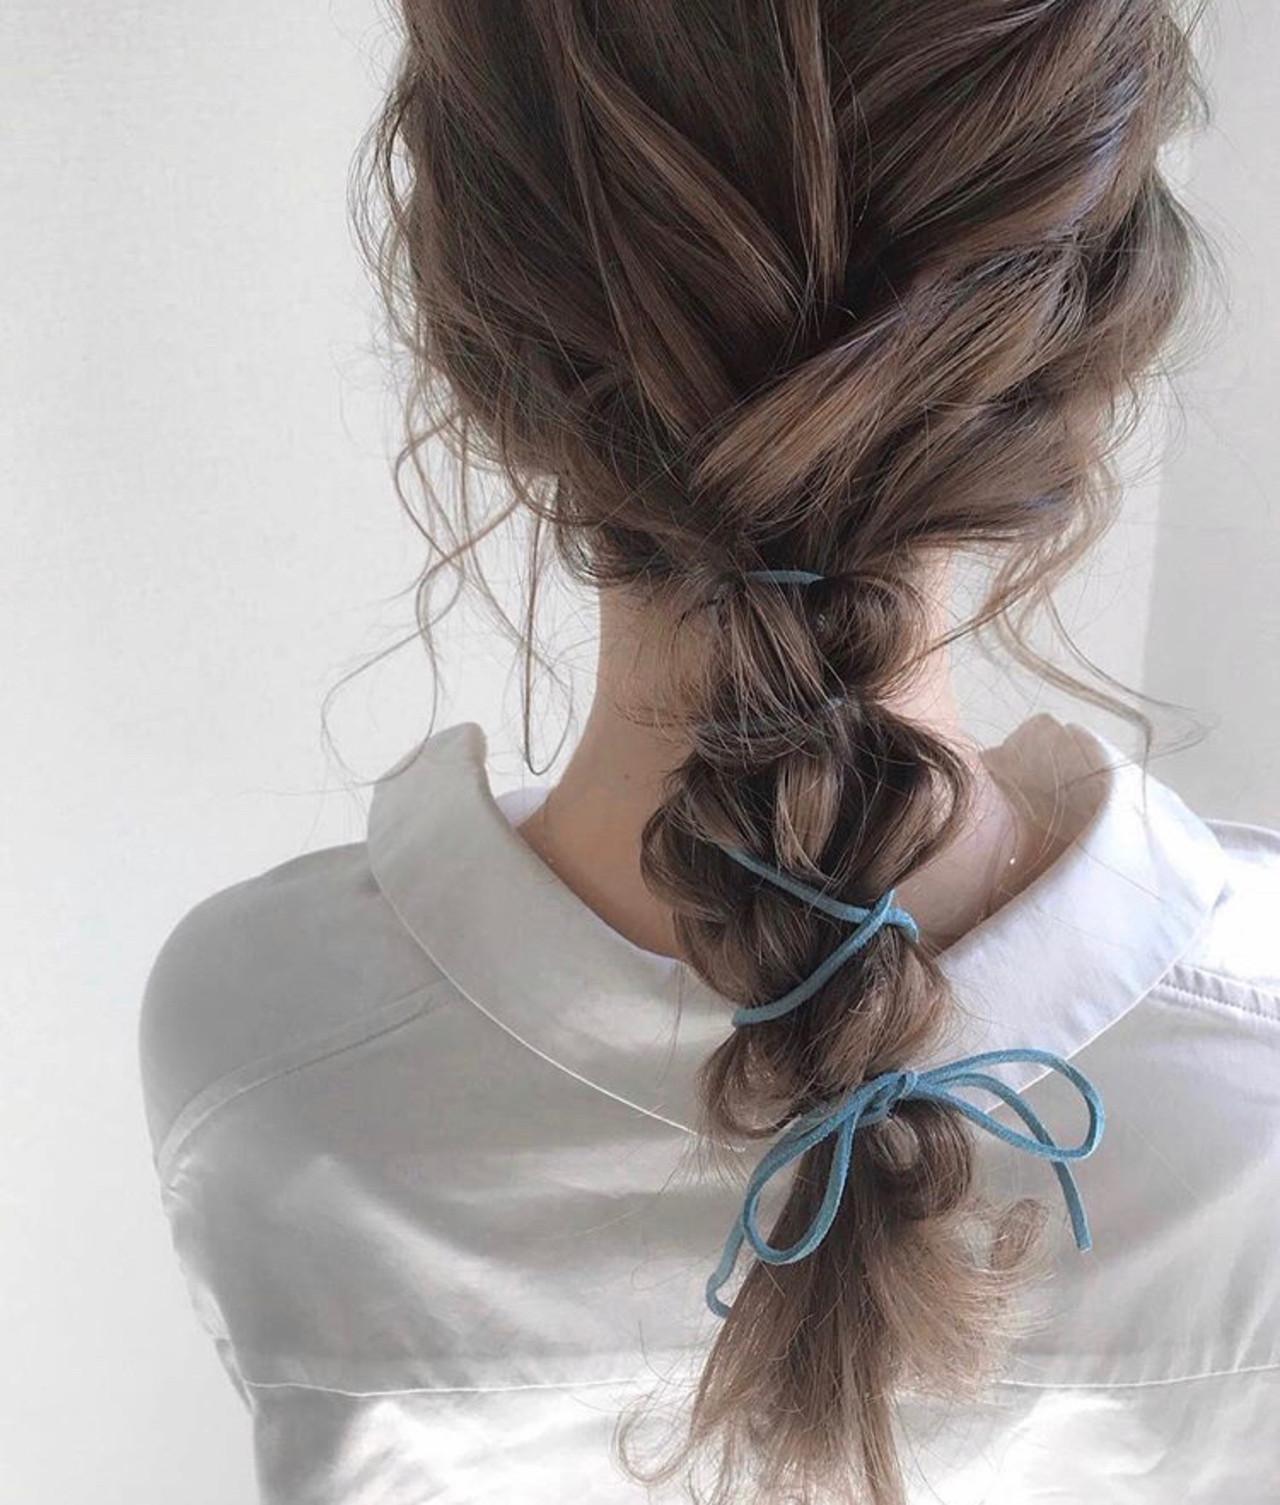 ヘアアレンジ ナチュラル アウトドア デート ヘアスタイルや髪型の写真・画像 | 三木 奨太 / hair set salon  IRIS